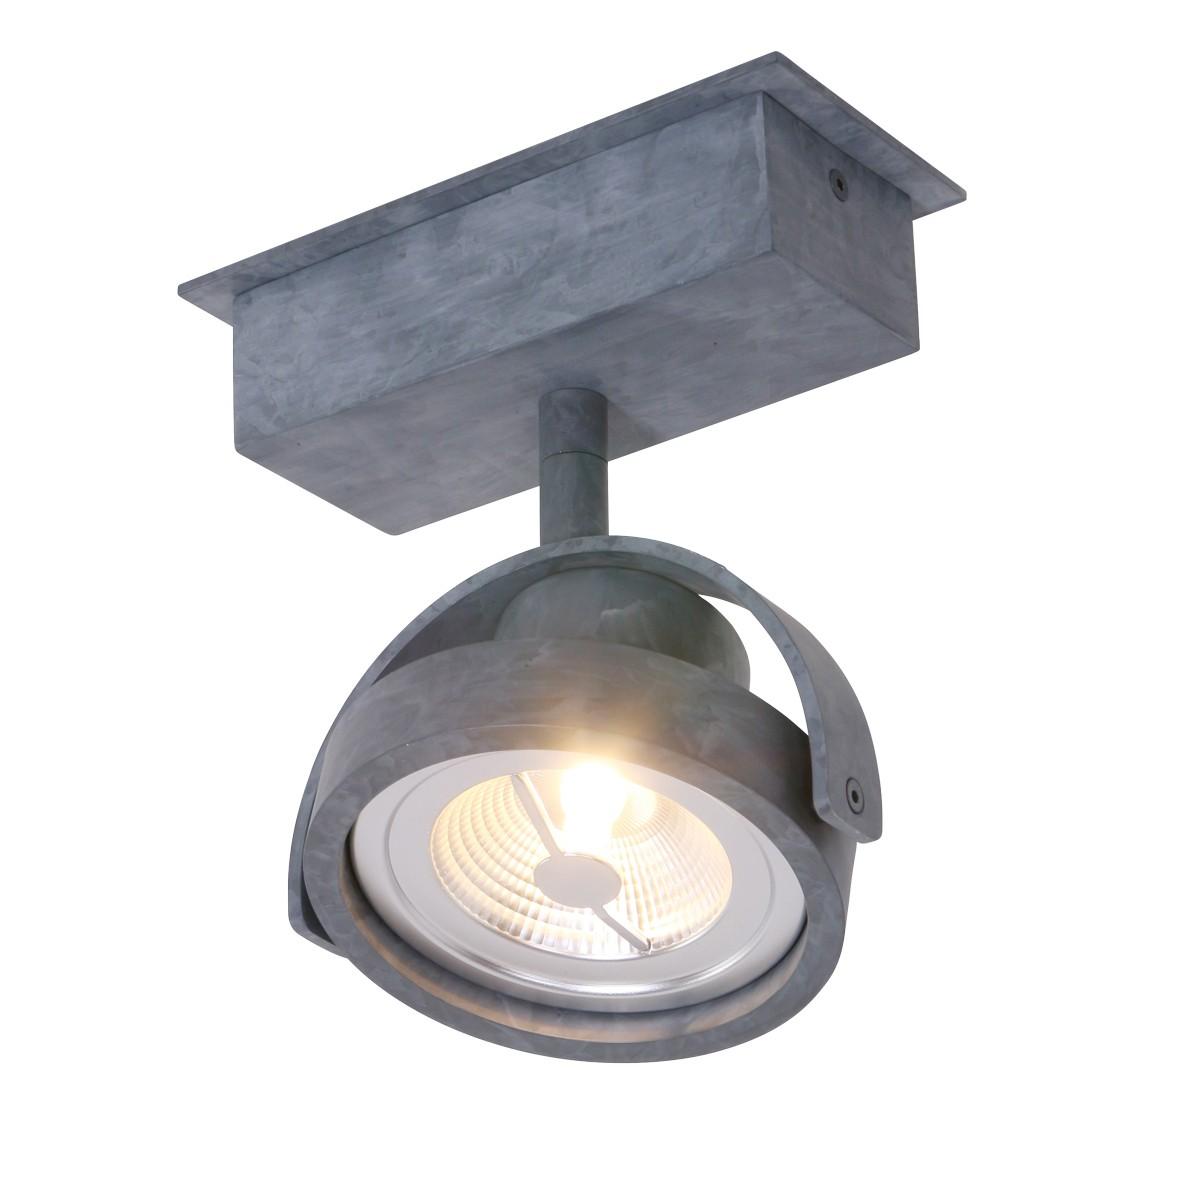 opbouwspot_betongrijs_1-lichts_2__big_image